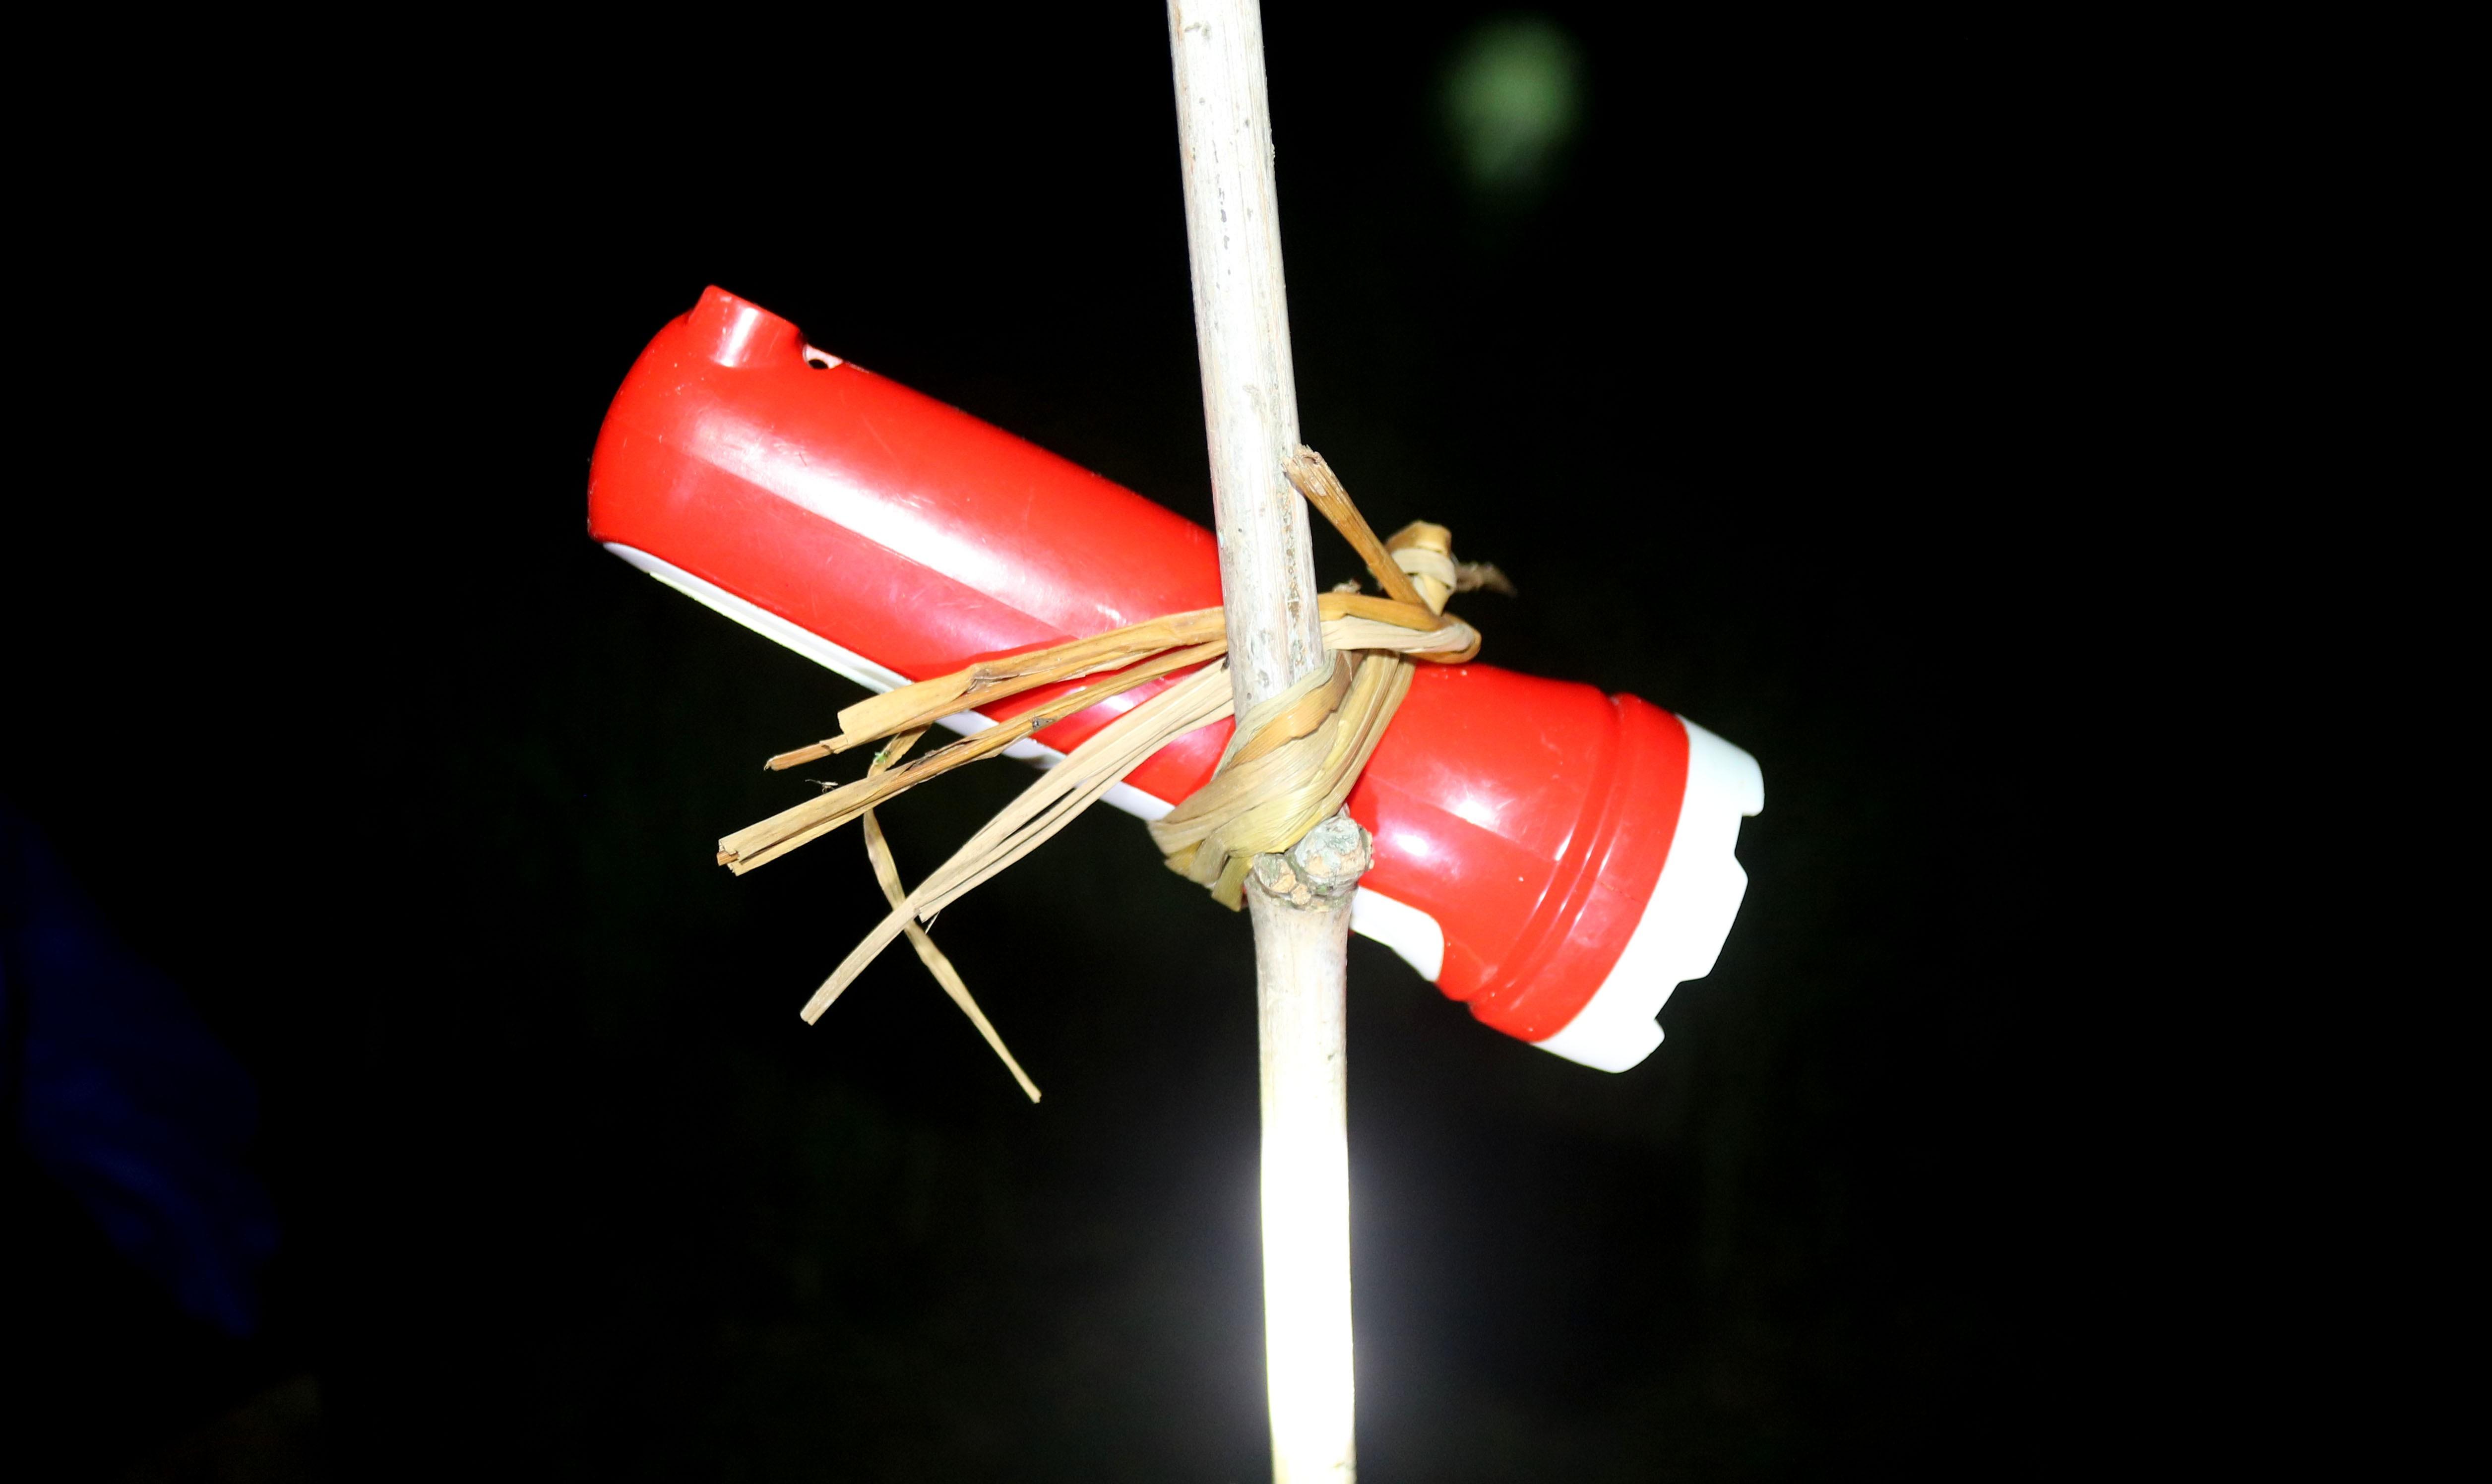 Tránh nắng nóng, người dân Nghệ An chong đèn nhổ mạ, cấy lúa đêm, ngoài ruộng vui hơn ở nhà - Ảnh 4.